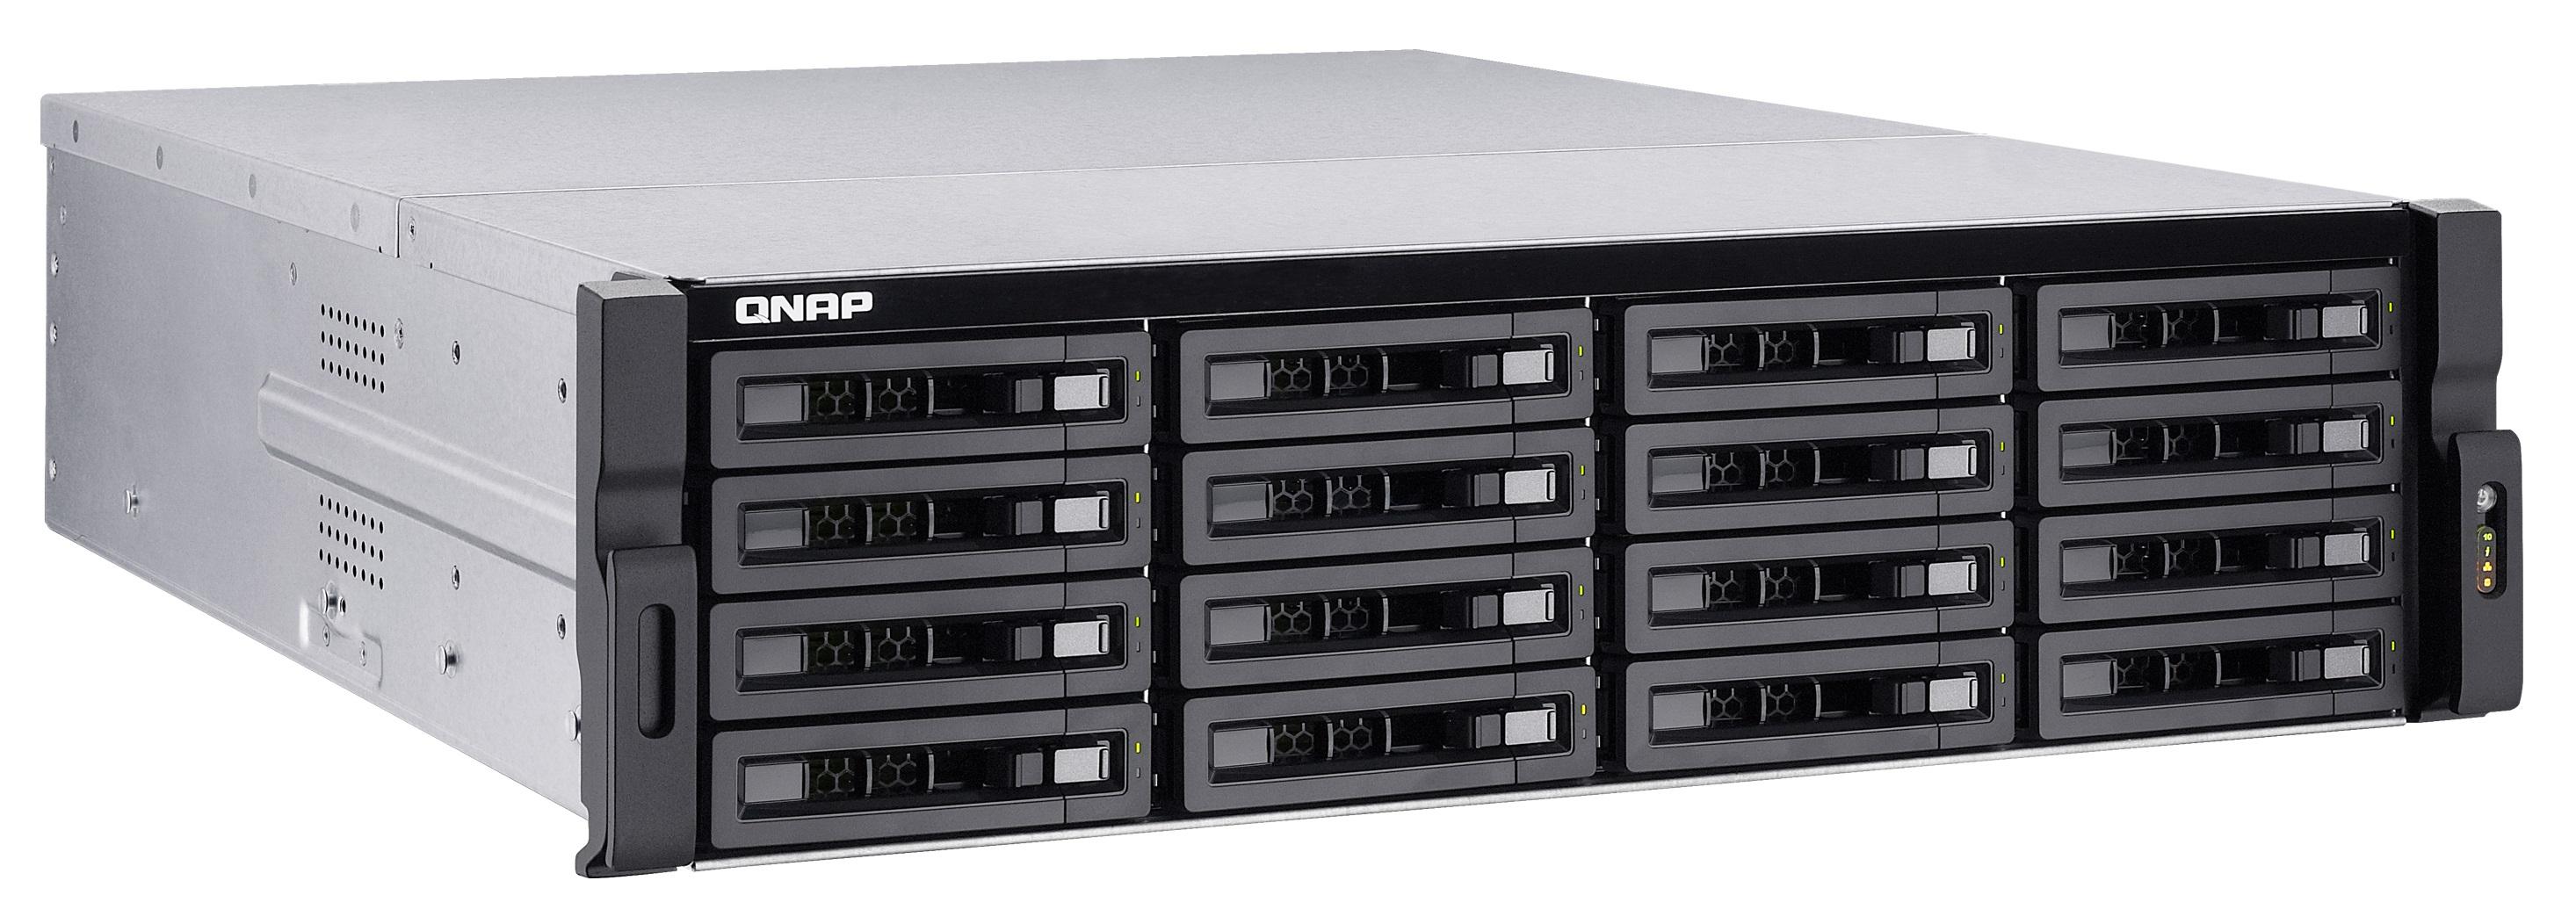 QNAP TVS-EC1680U-SAS-RP-16G-R2(3.5GHz, 16GB RAM, 1x HDMI, 4x LAN, 2x 10G LAN, 16x SATA)